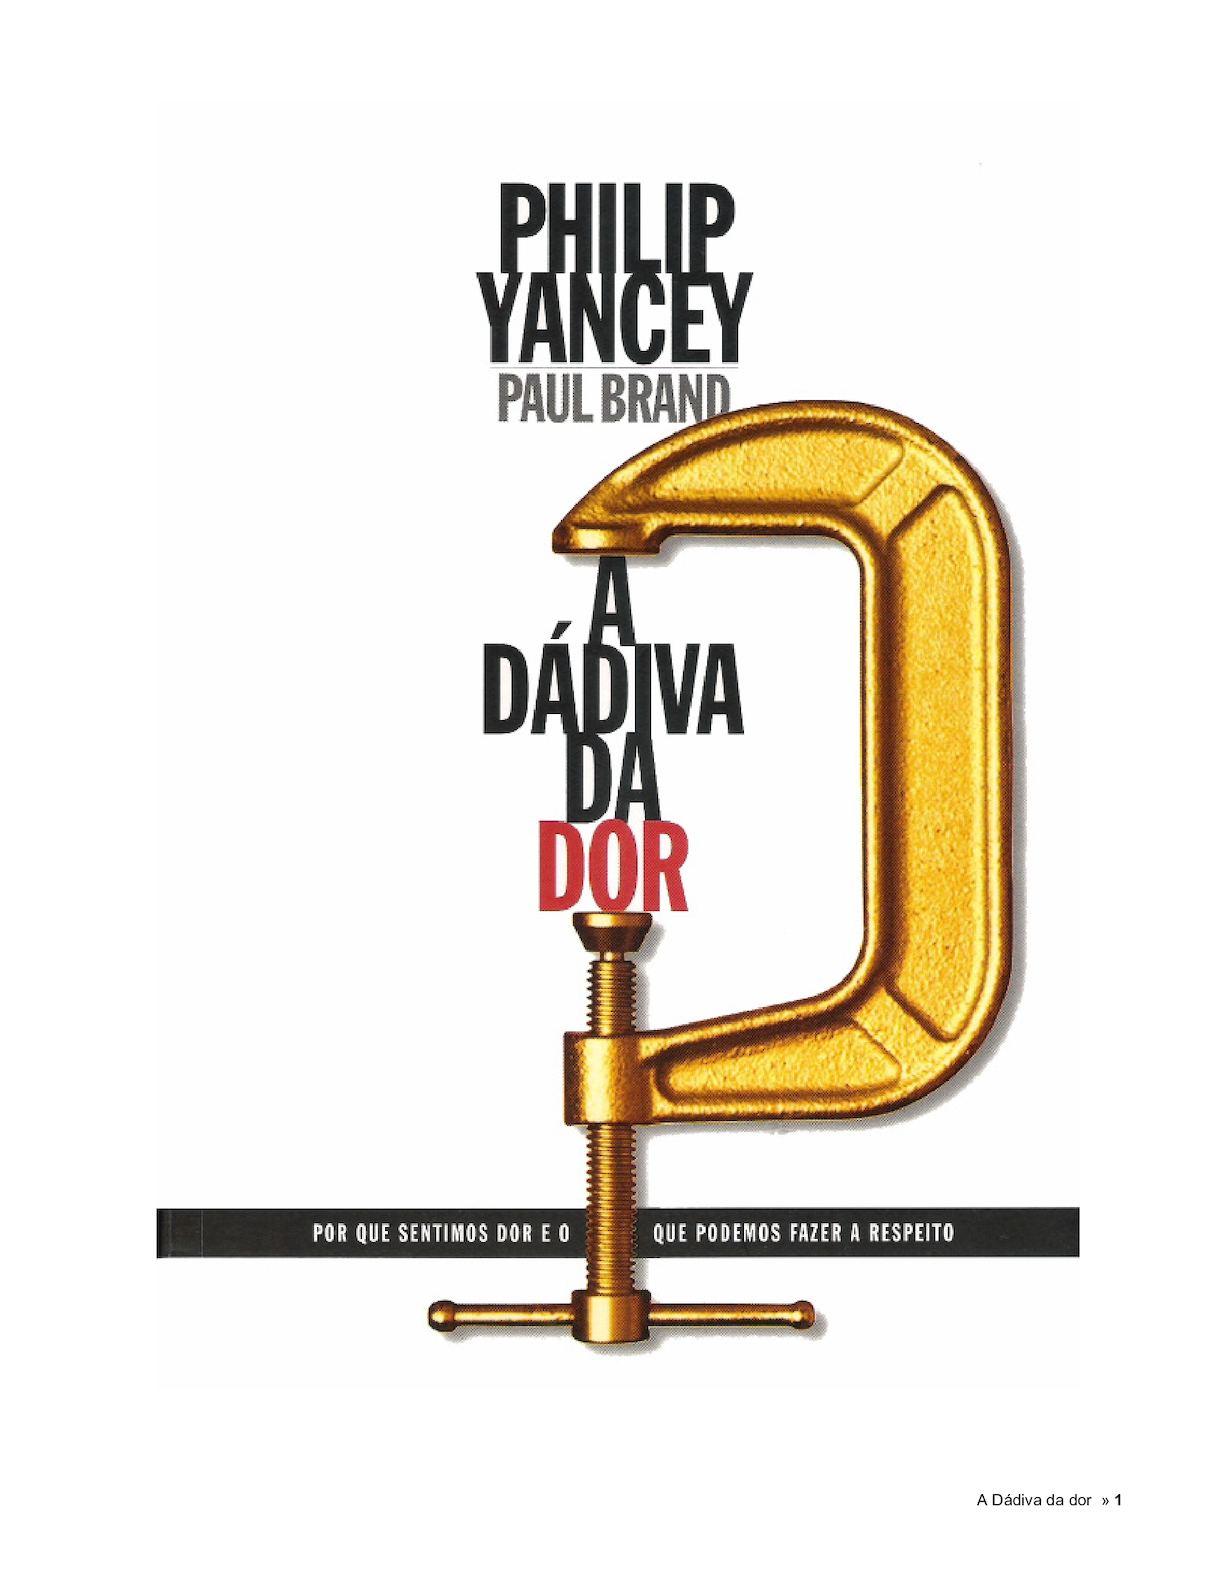 228a0cca295 Calaméo - A Dadiva Da Dor - Philip Yancey